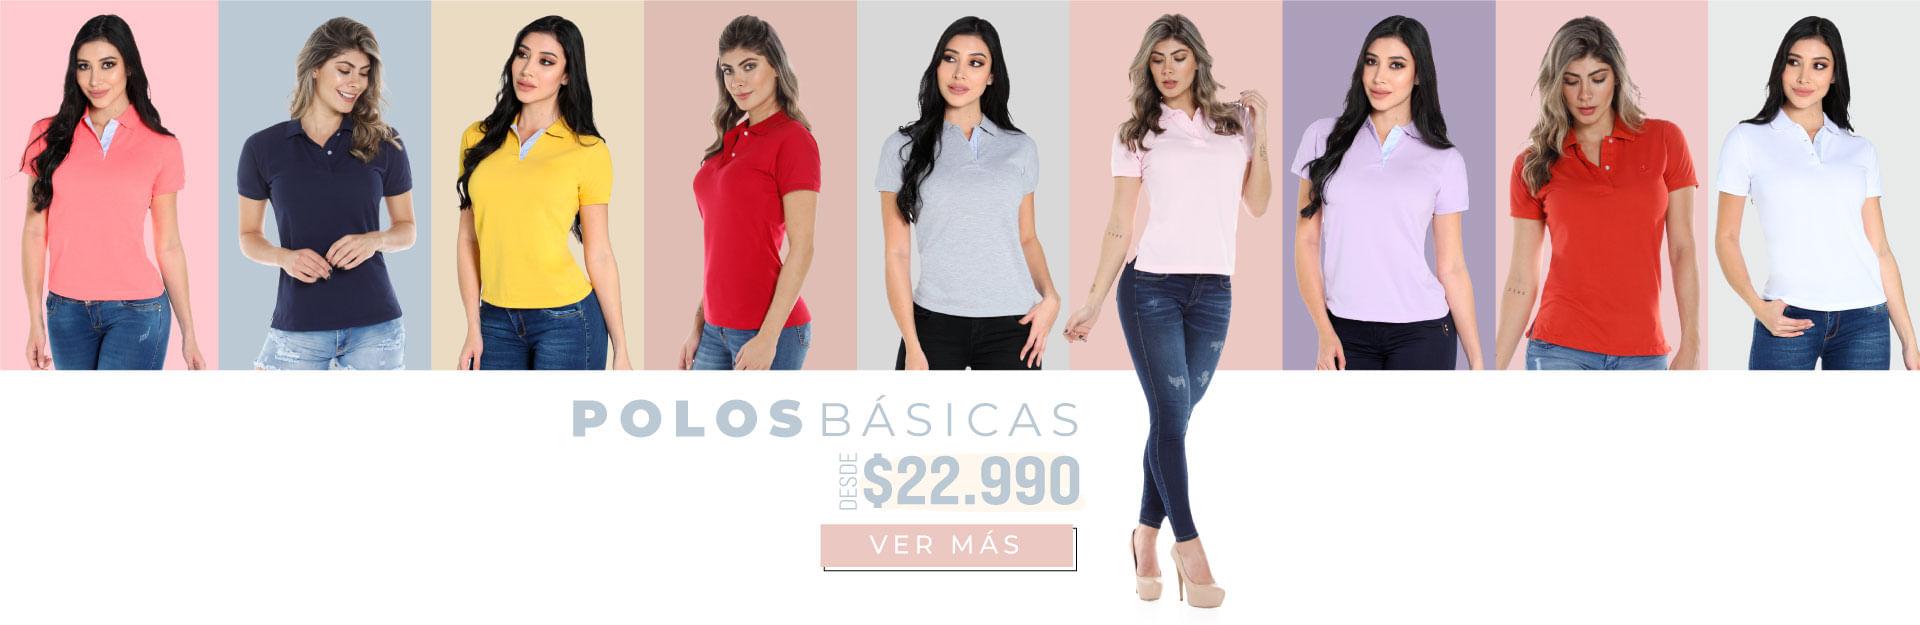 Camisetas, en algodón o lacradas, con estampados en tendencia